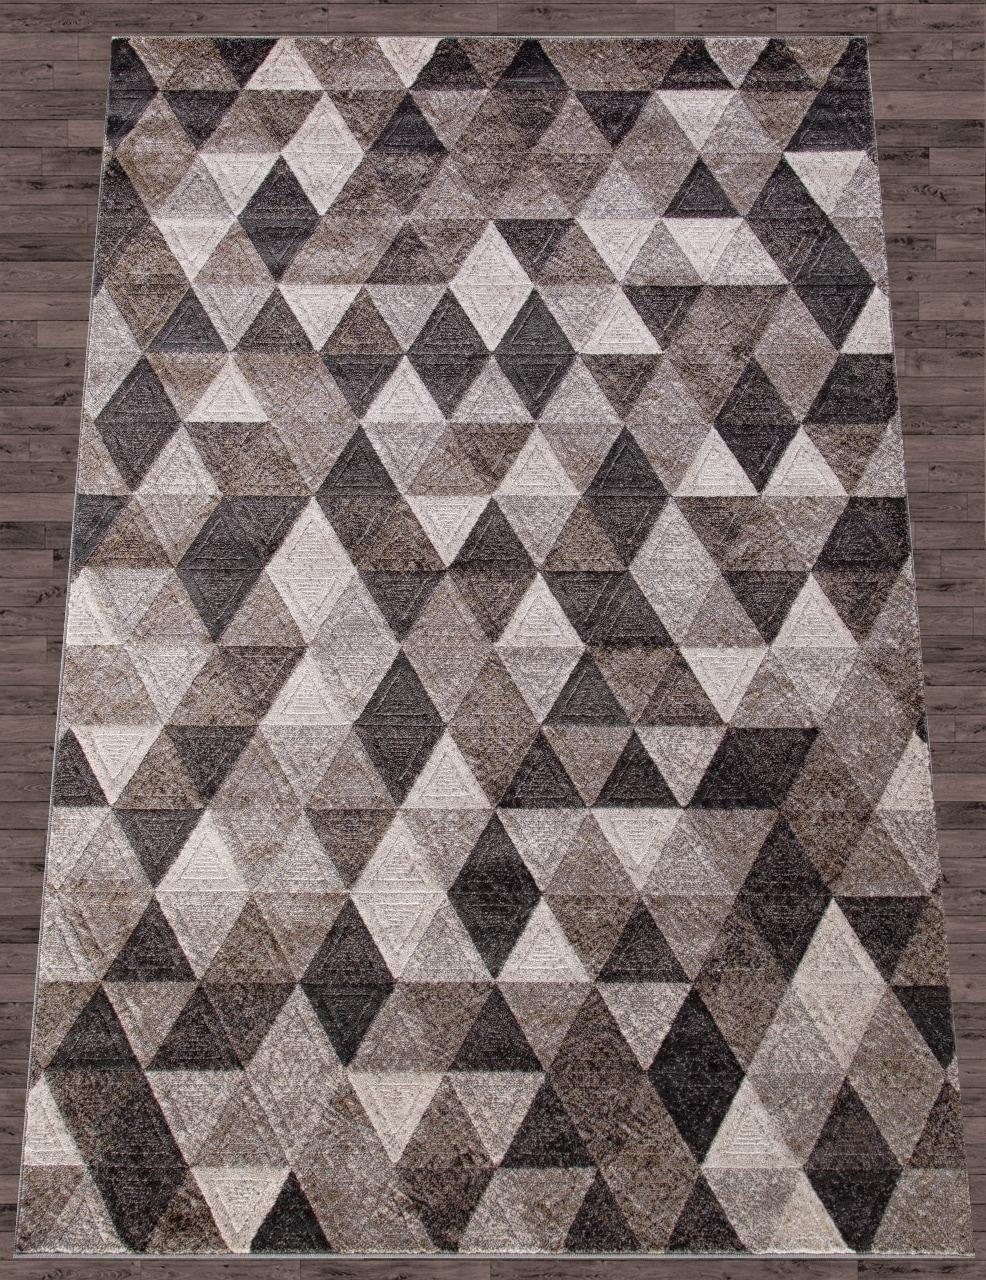 Ковер D578 - GRAY-BROWN - Прямоугольник - коллекция MATRIX